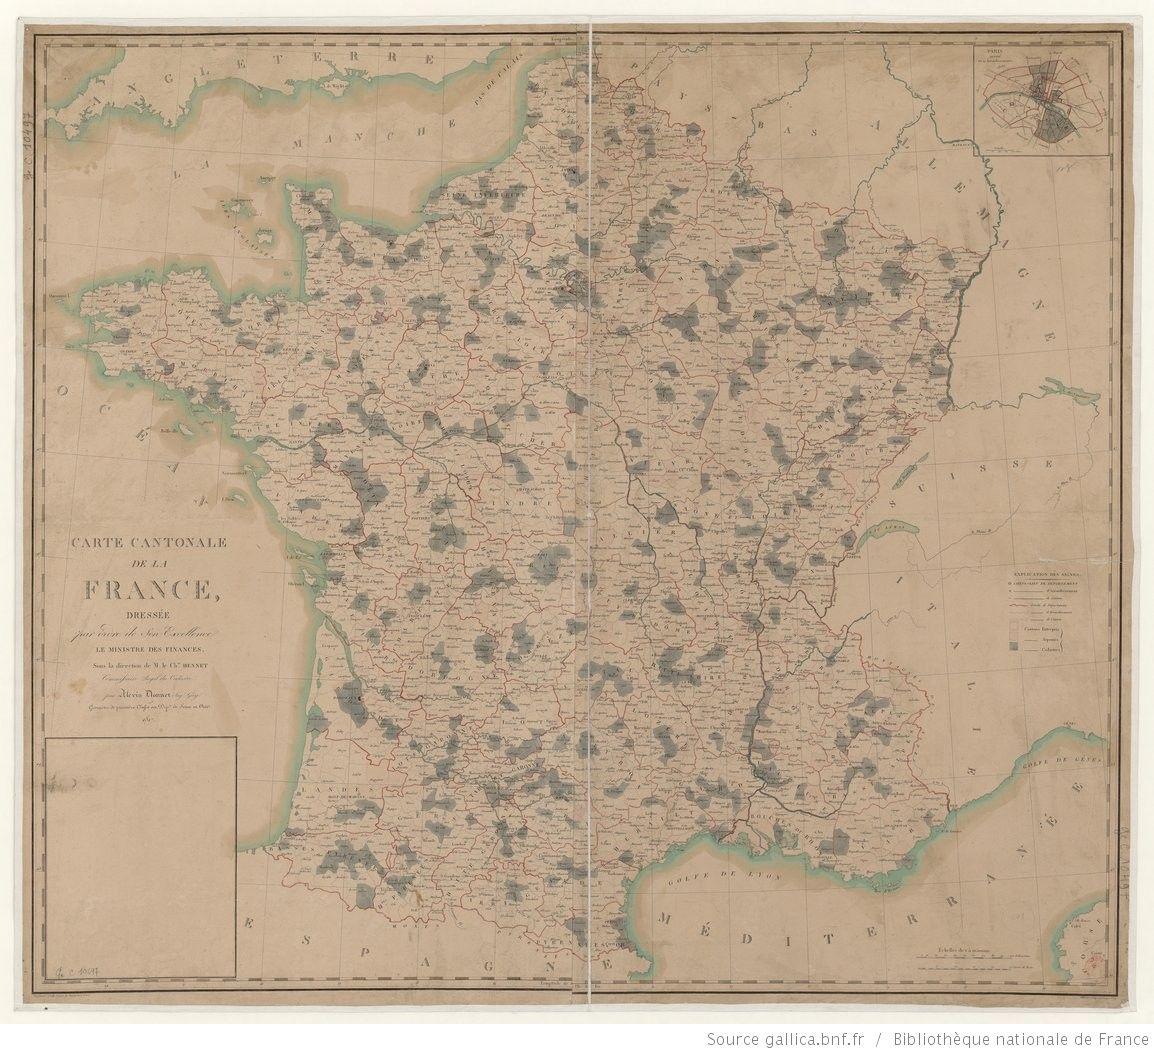 Carte cantonale de la France / dressée par ordre de son Excellence le Ministre des Finances sous la direction de M. le Chr. Hennet,…